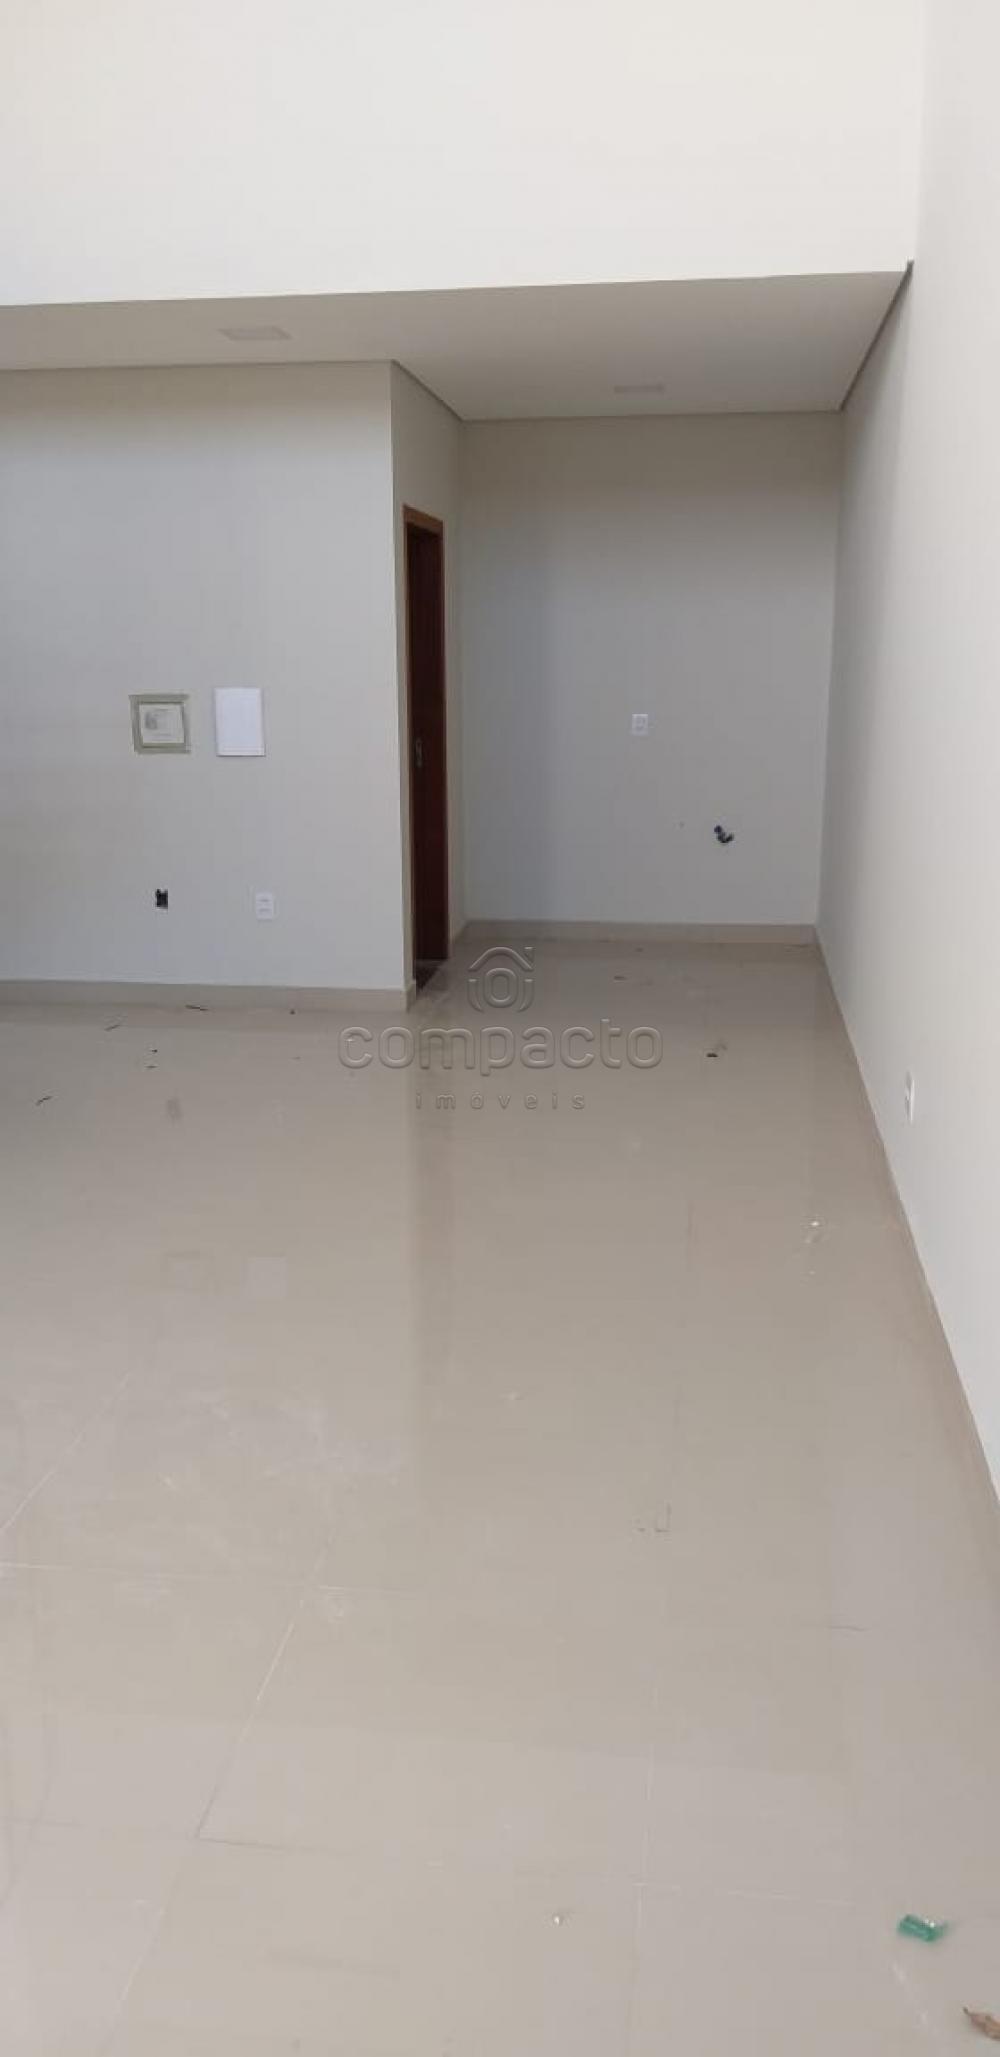 Alugar Comercial / Loja/Sala em São José do Rio Preto apenas R$ 1.050,00 - Foto 2